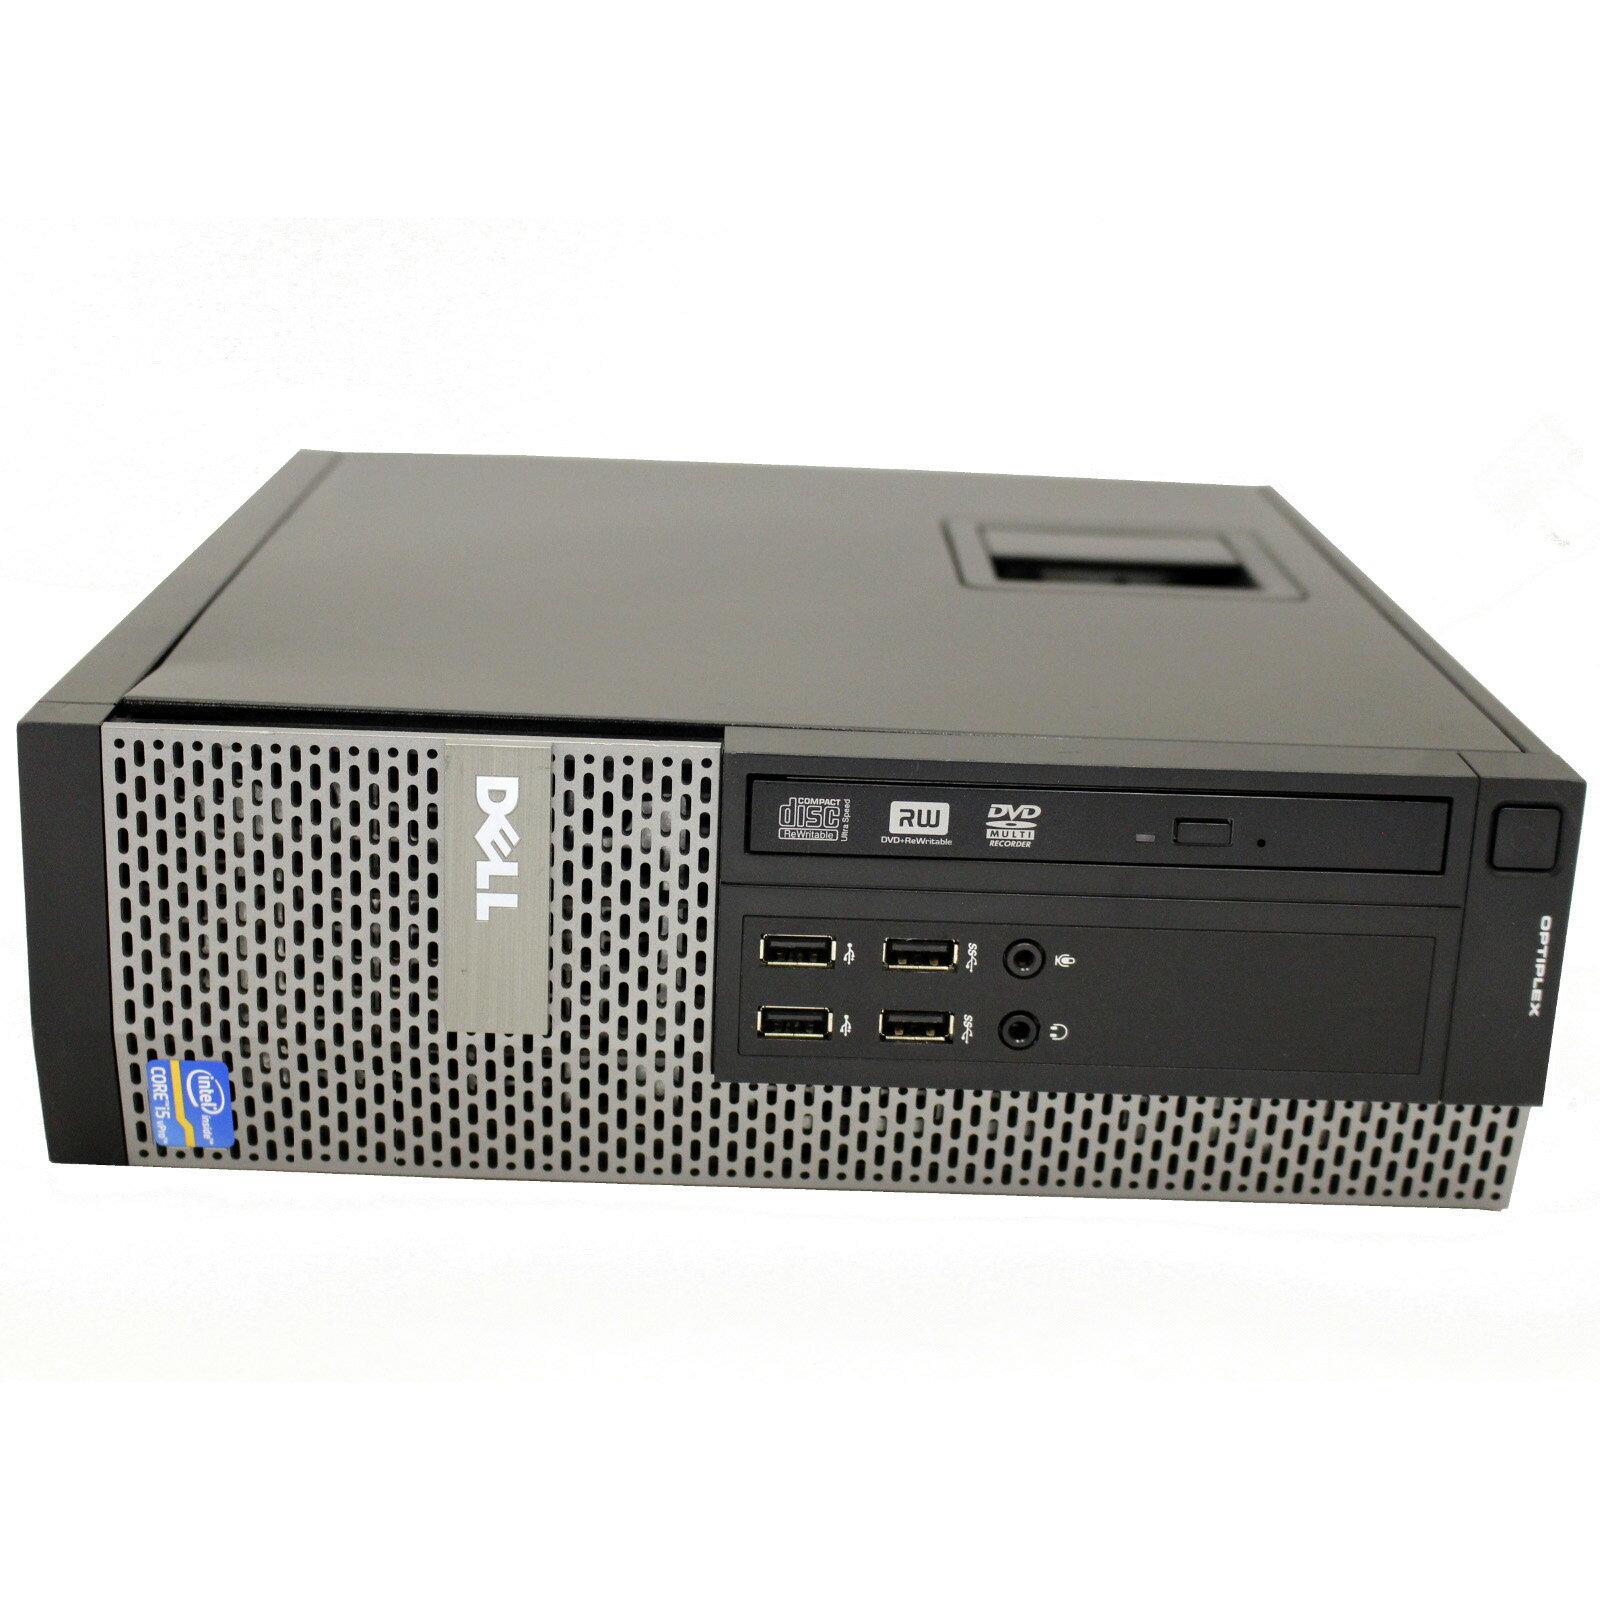 Dell OptiPlex 9010 SFF Gaming PC Intel Core i5-3470 3 20GHz 8GB DDR3 RAM  2TB HD DVDRW GeForce GT 1030 2GB Windows 10 Home